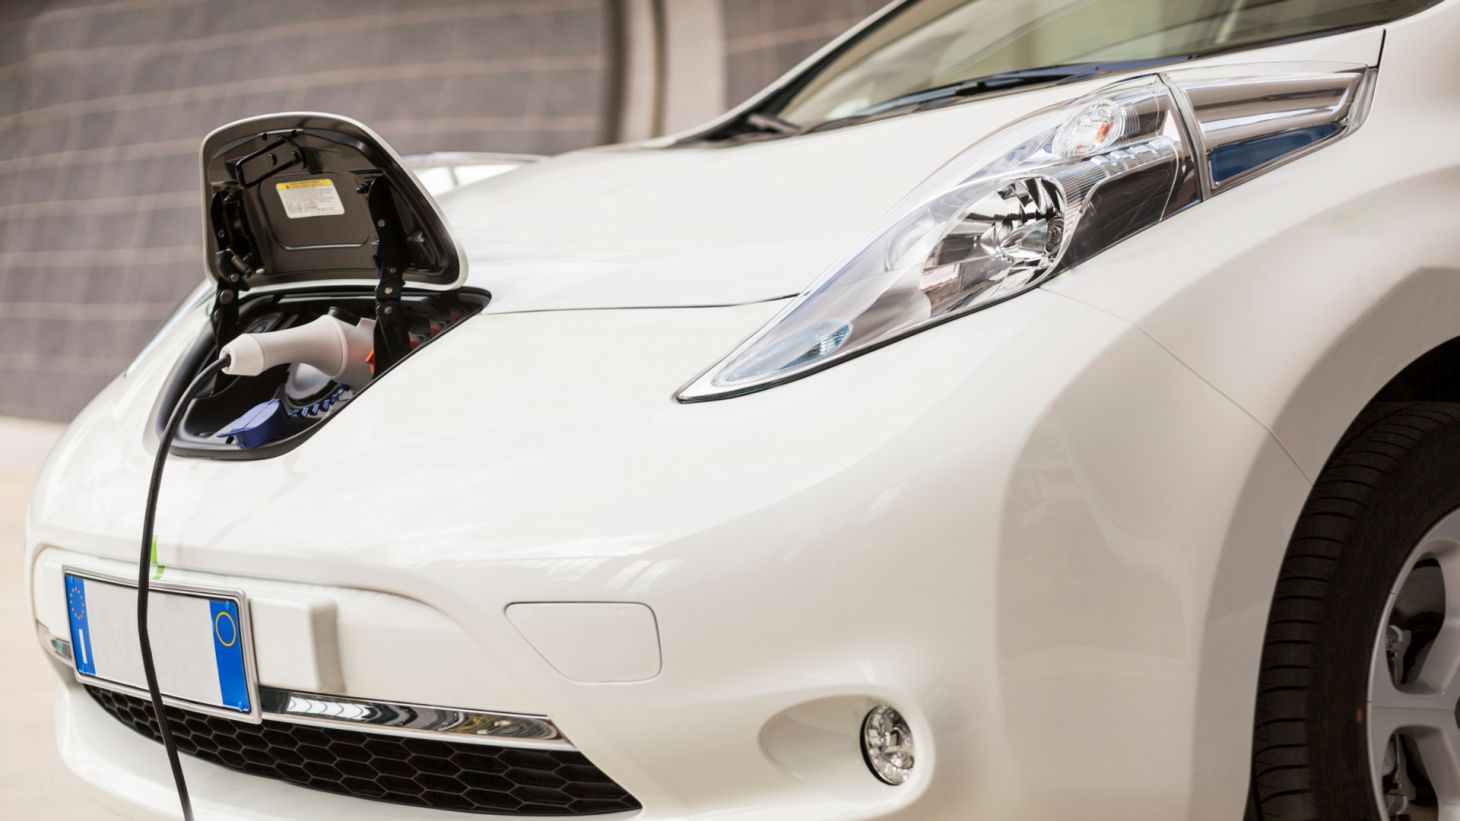 carro eletrico eletrificado sendo carregado ponto recarga dianteira detalhe